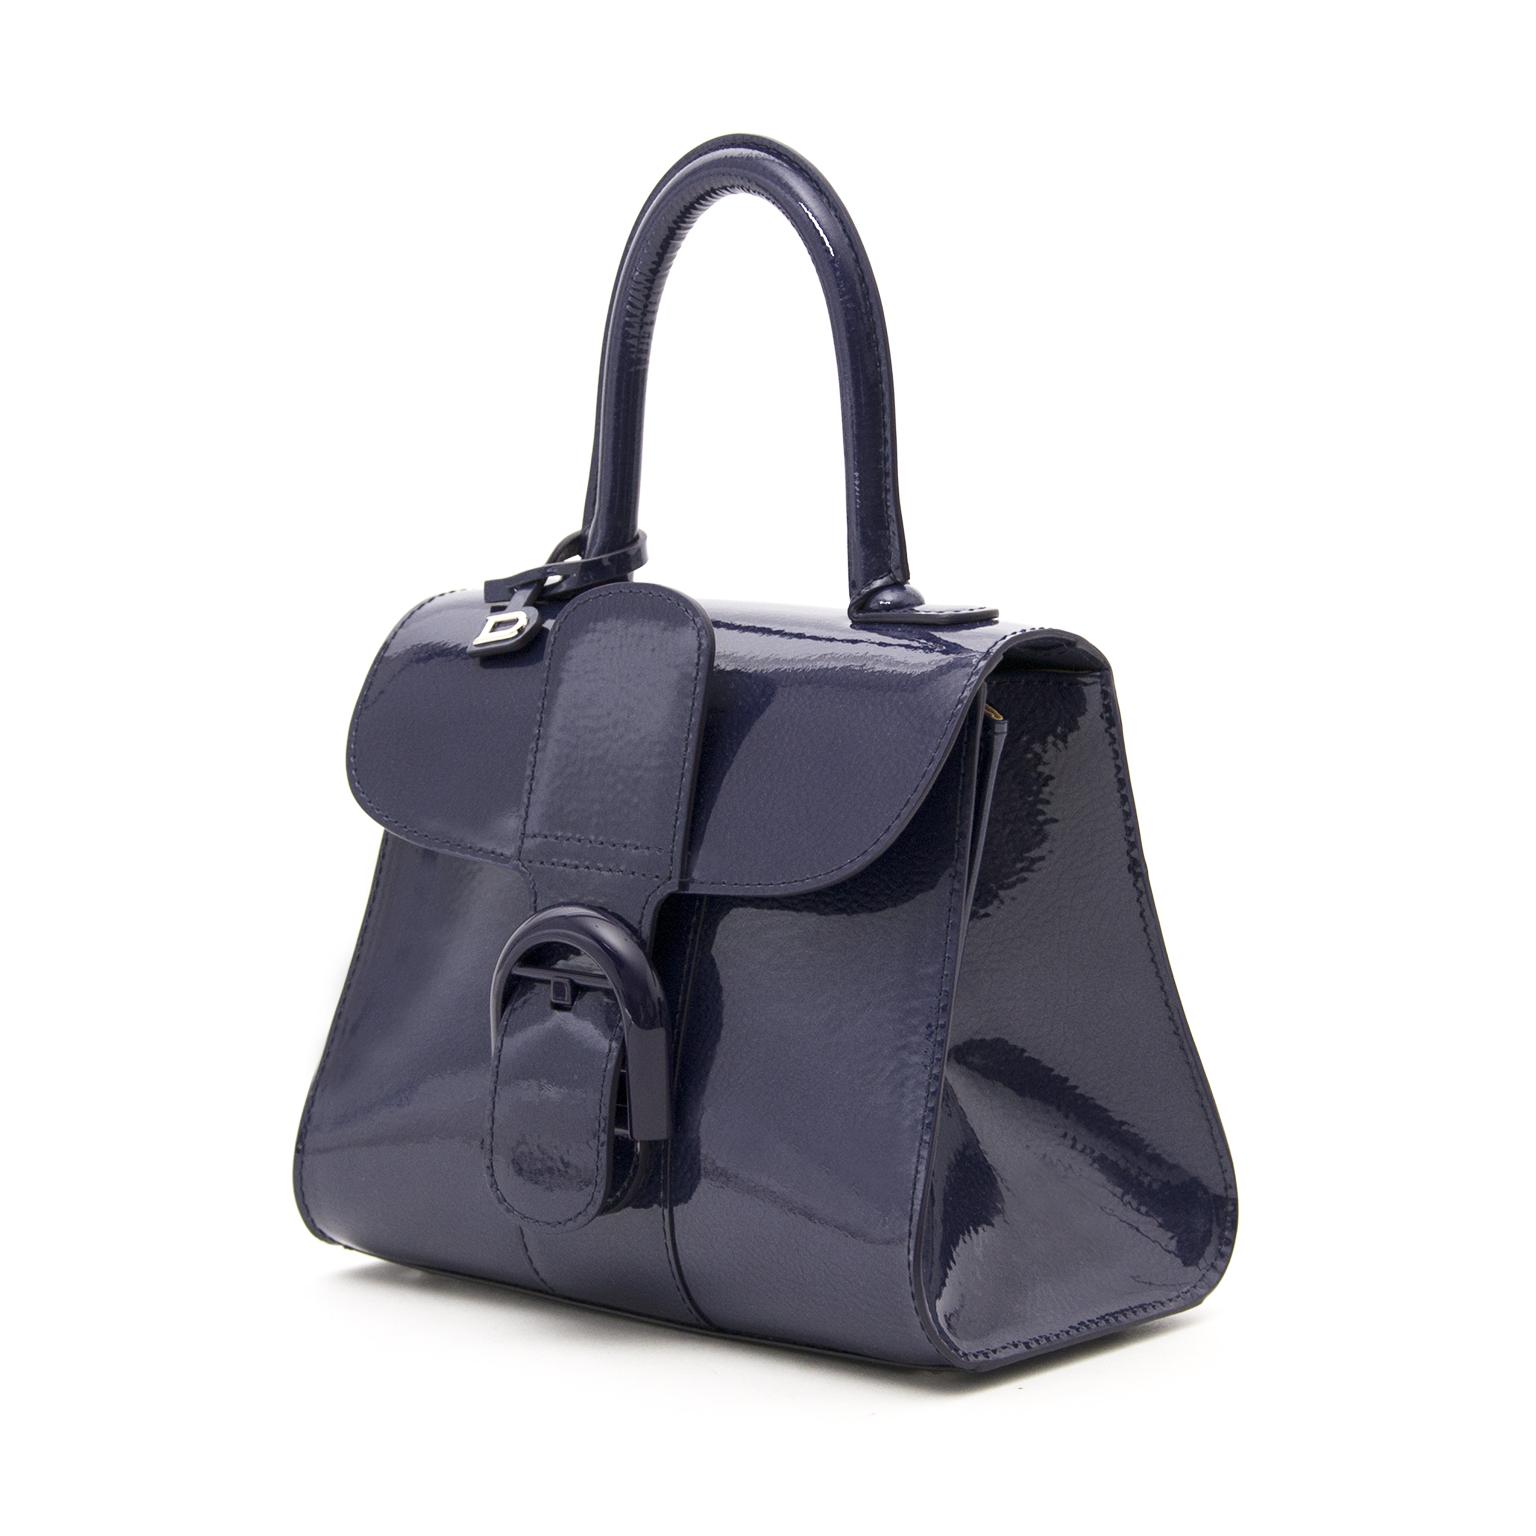 ... acheter en ligne chez labellov.com pour le meilleur prix brand new  delvaux brillant mini 82c625931aa39